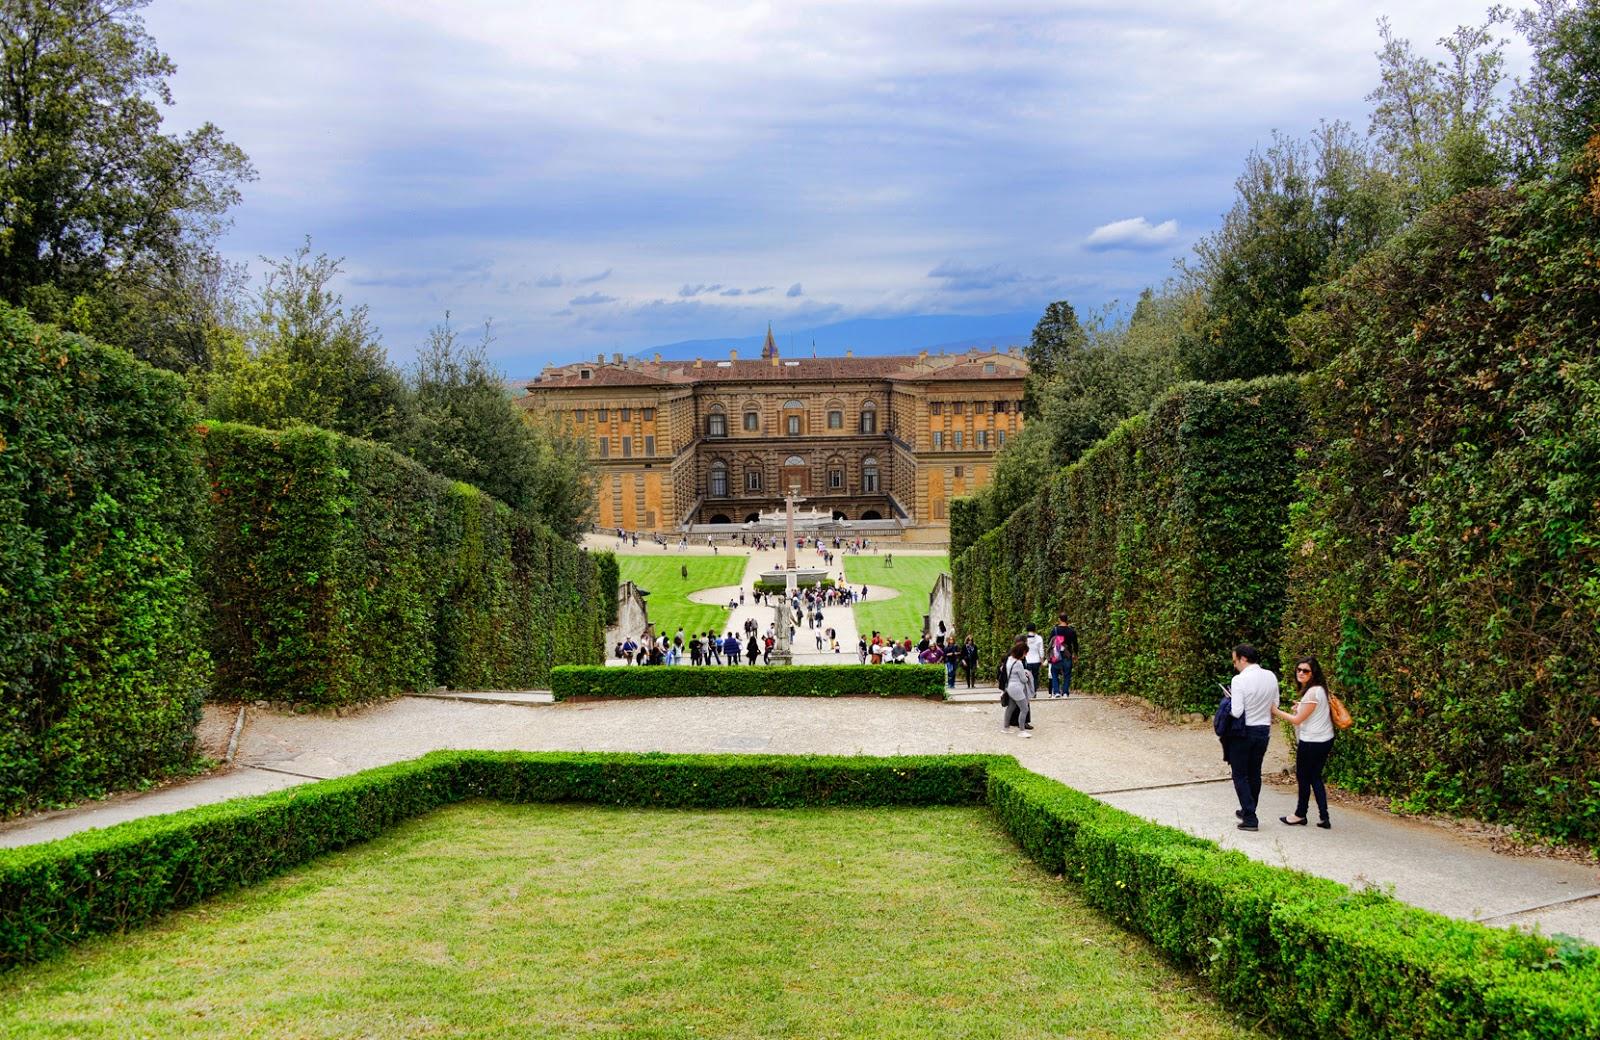 Giardino di Boboli e Palazzo Pitti. Foto di Marco Giorgi